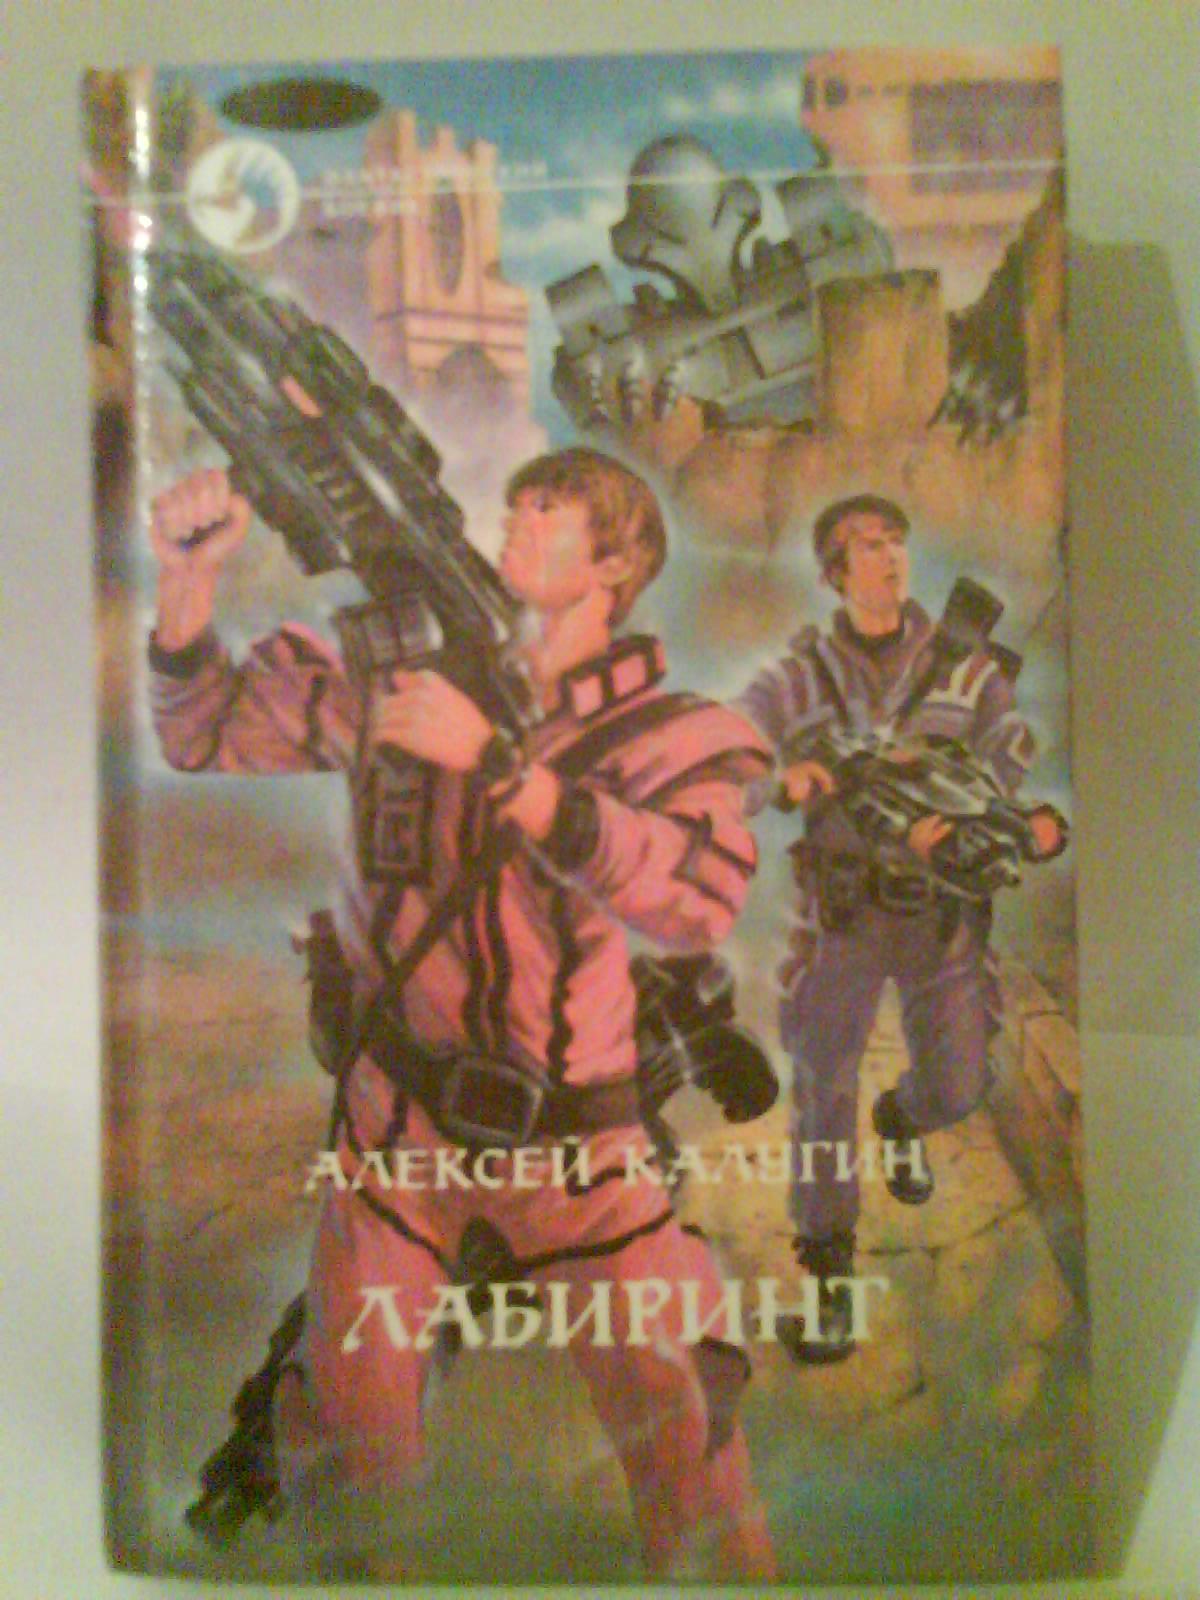 Калугин Алексей - Лабиринт (Лабиринт - 1) скачать книгу бесплатно.